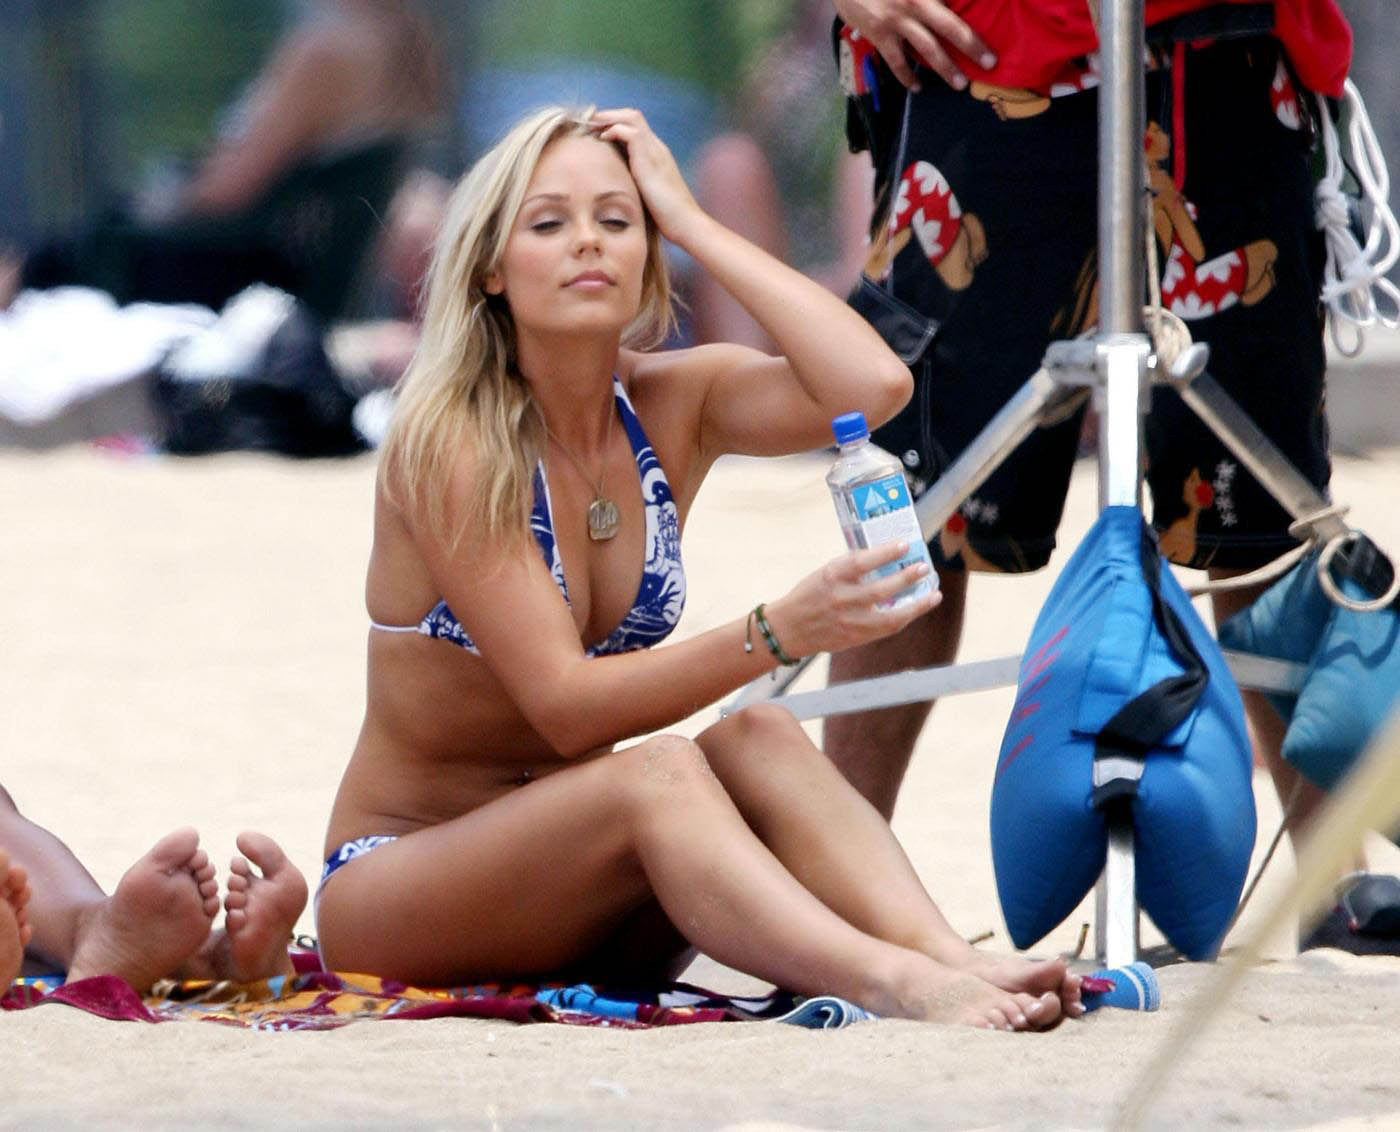 foto di laura vandervoort in bikini in spiaggia piedi e gambe | Laura Vandervoort bikini beach feet and legs